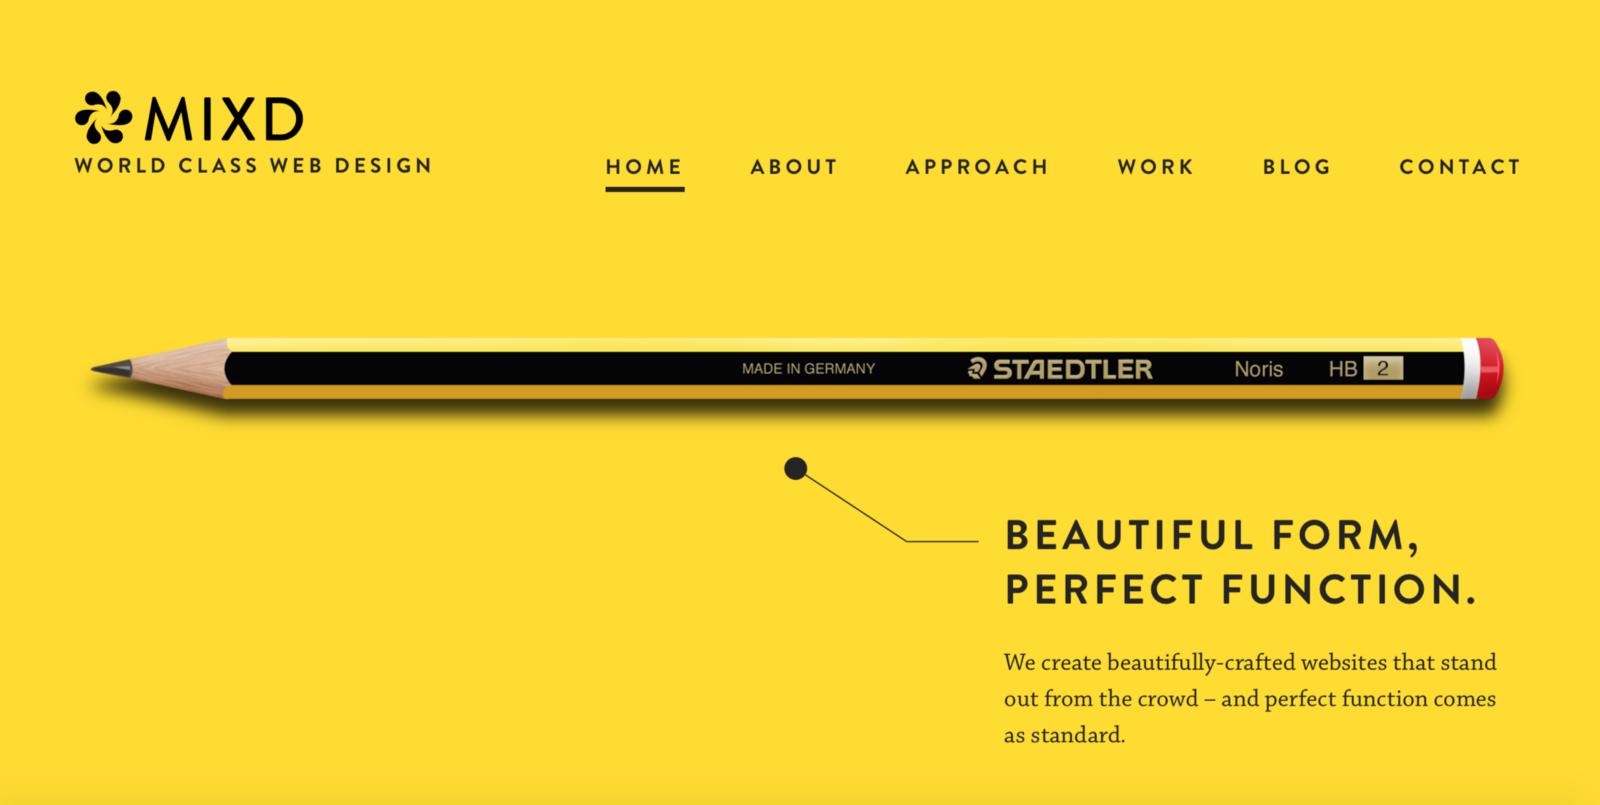 Thiết kế web hiện đại